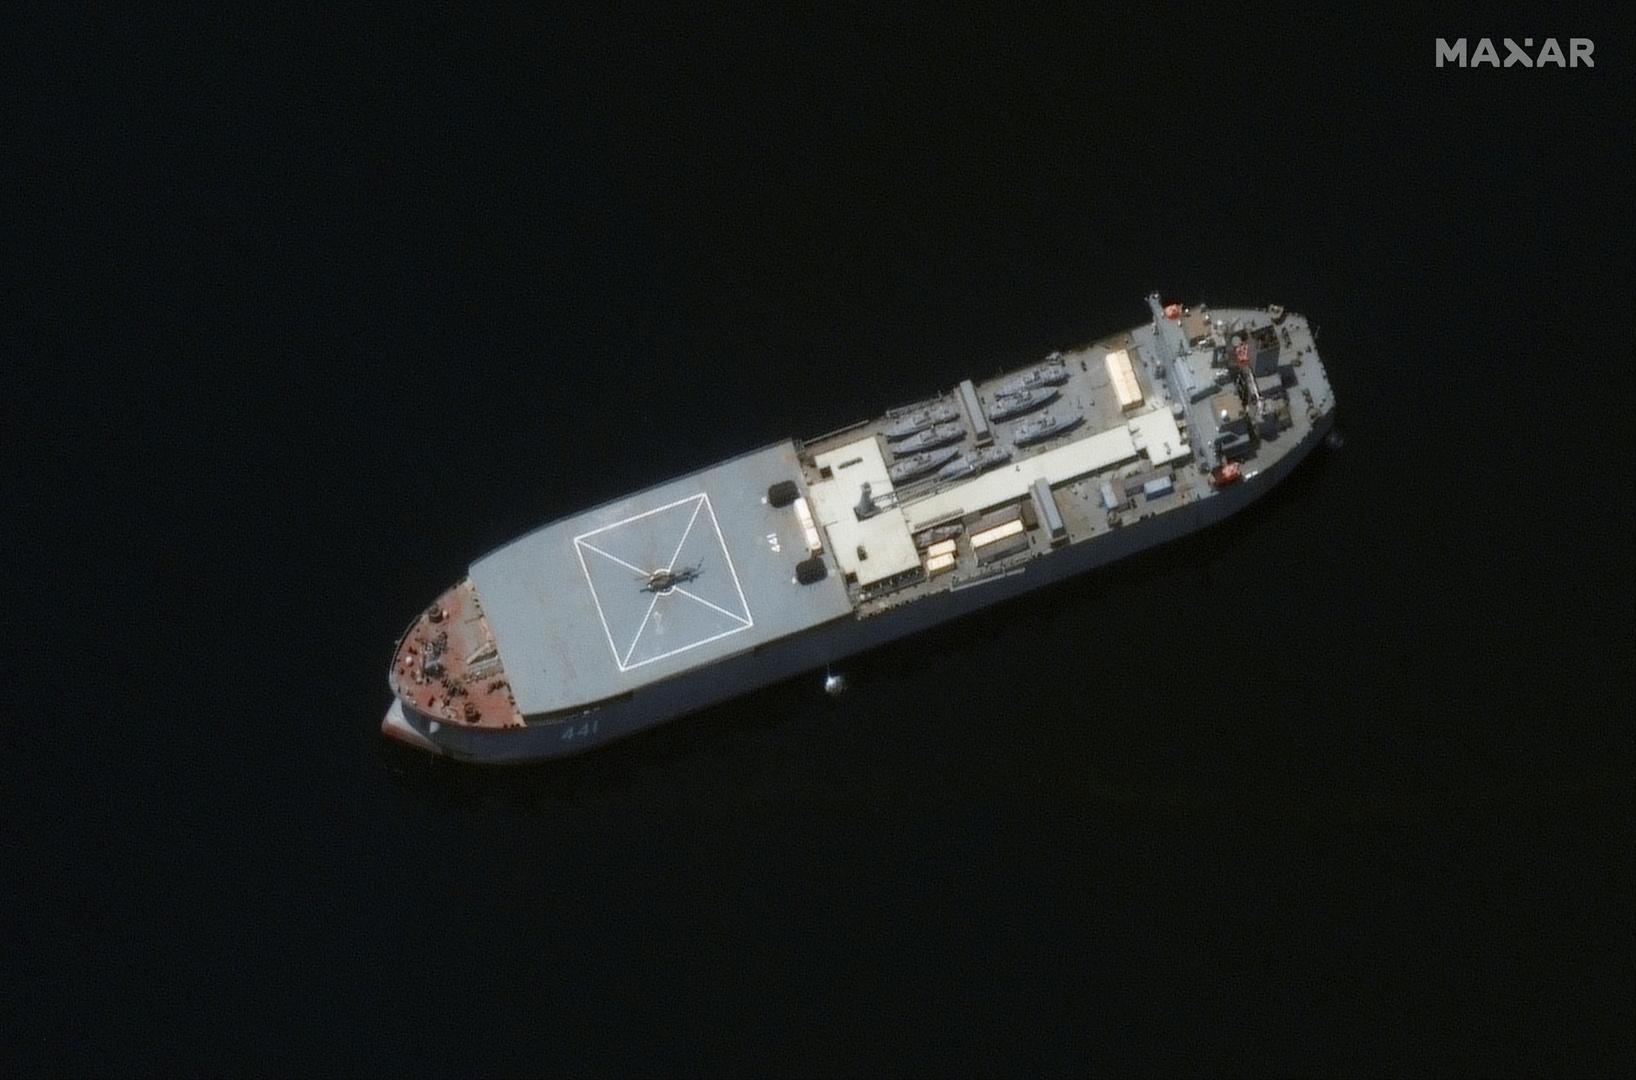 سفينة مكران الحربية الإيرانية.